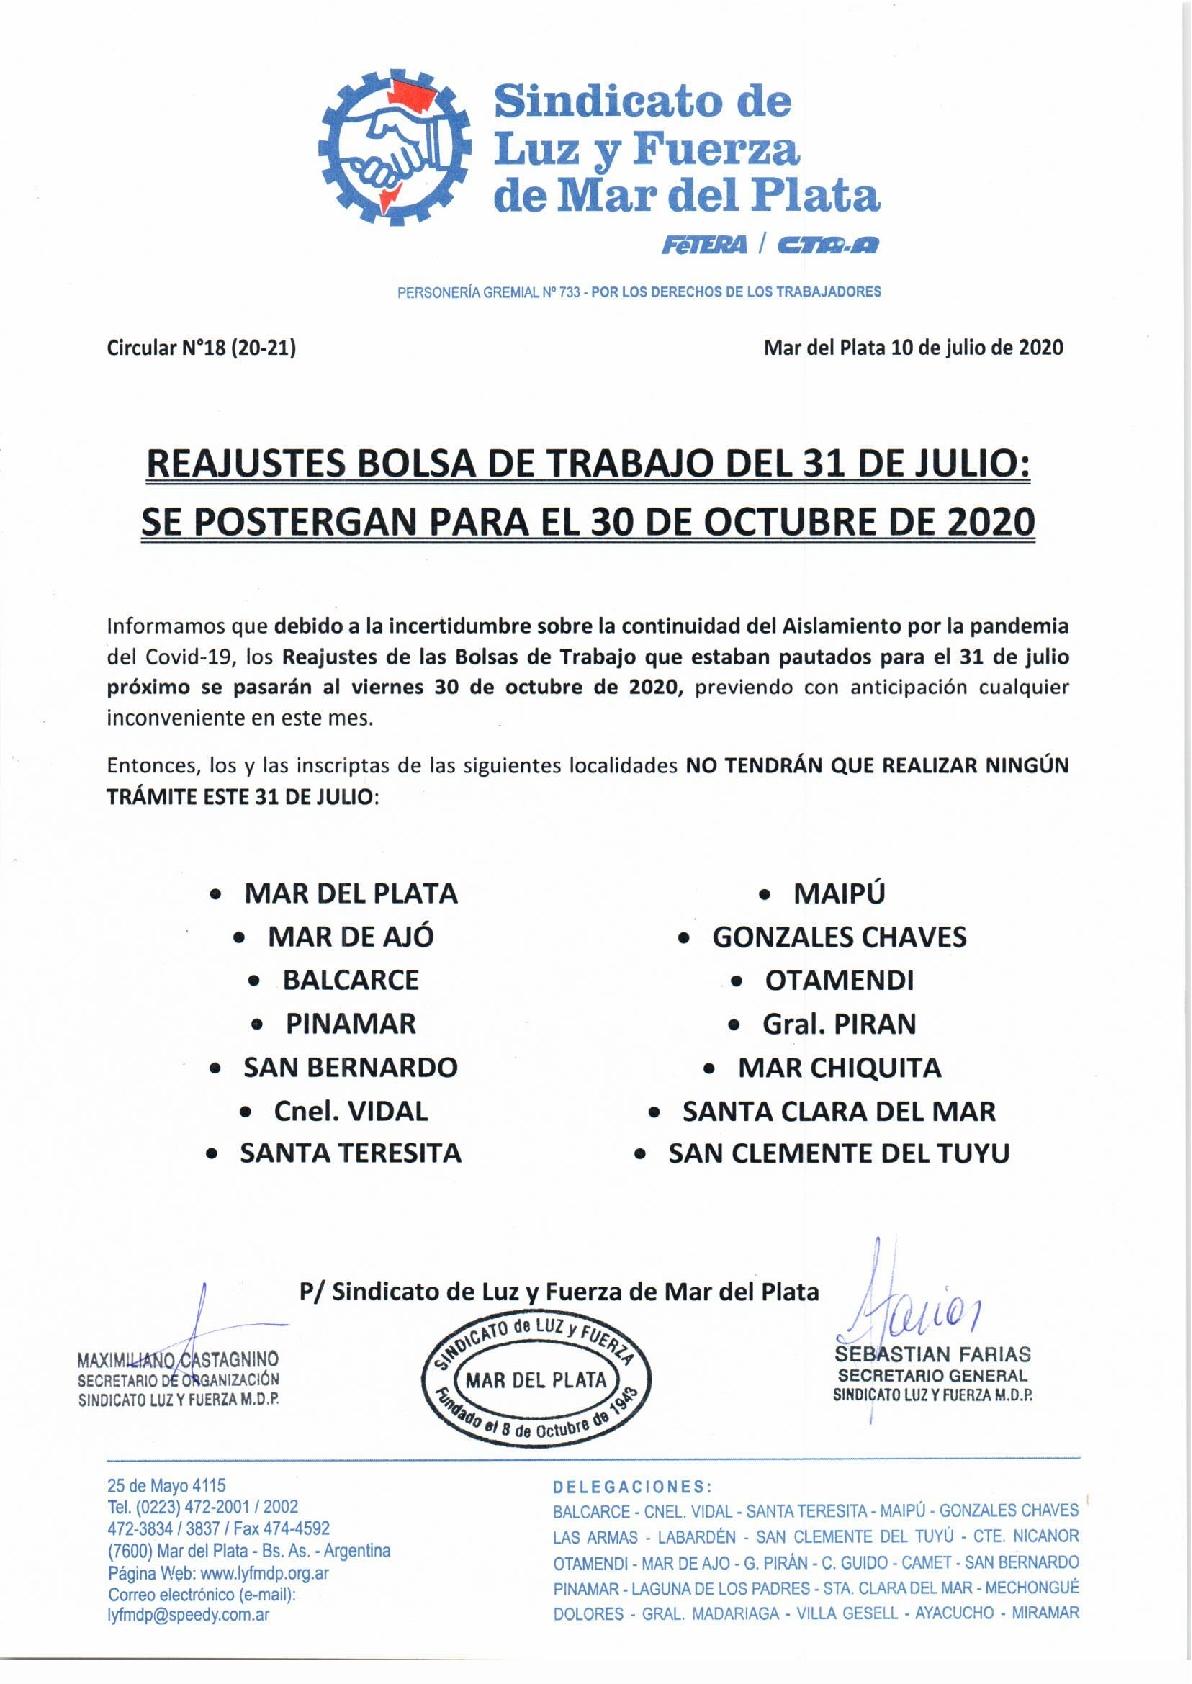 ATENCIÓN: SE POSTERGAN LOS REAJUSTES DE LA BOLSA DE TRABAJO QUE SE IBAN A REALIZAR EL 31 DE JULIO